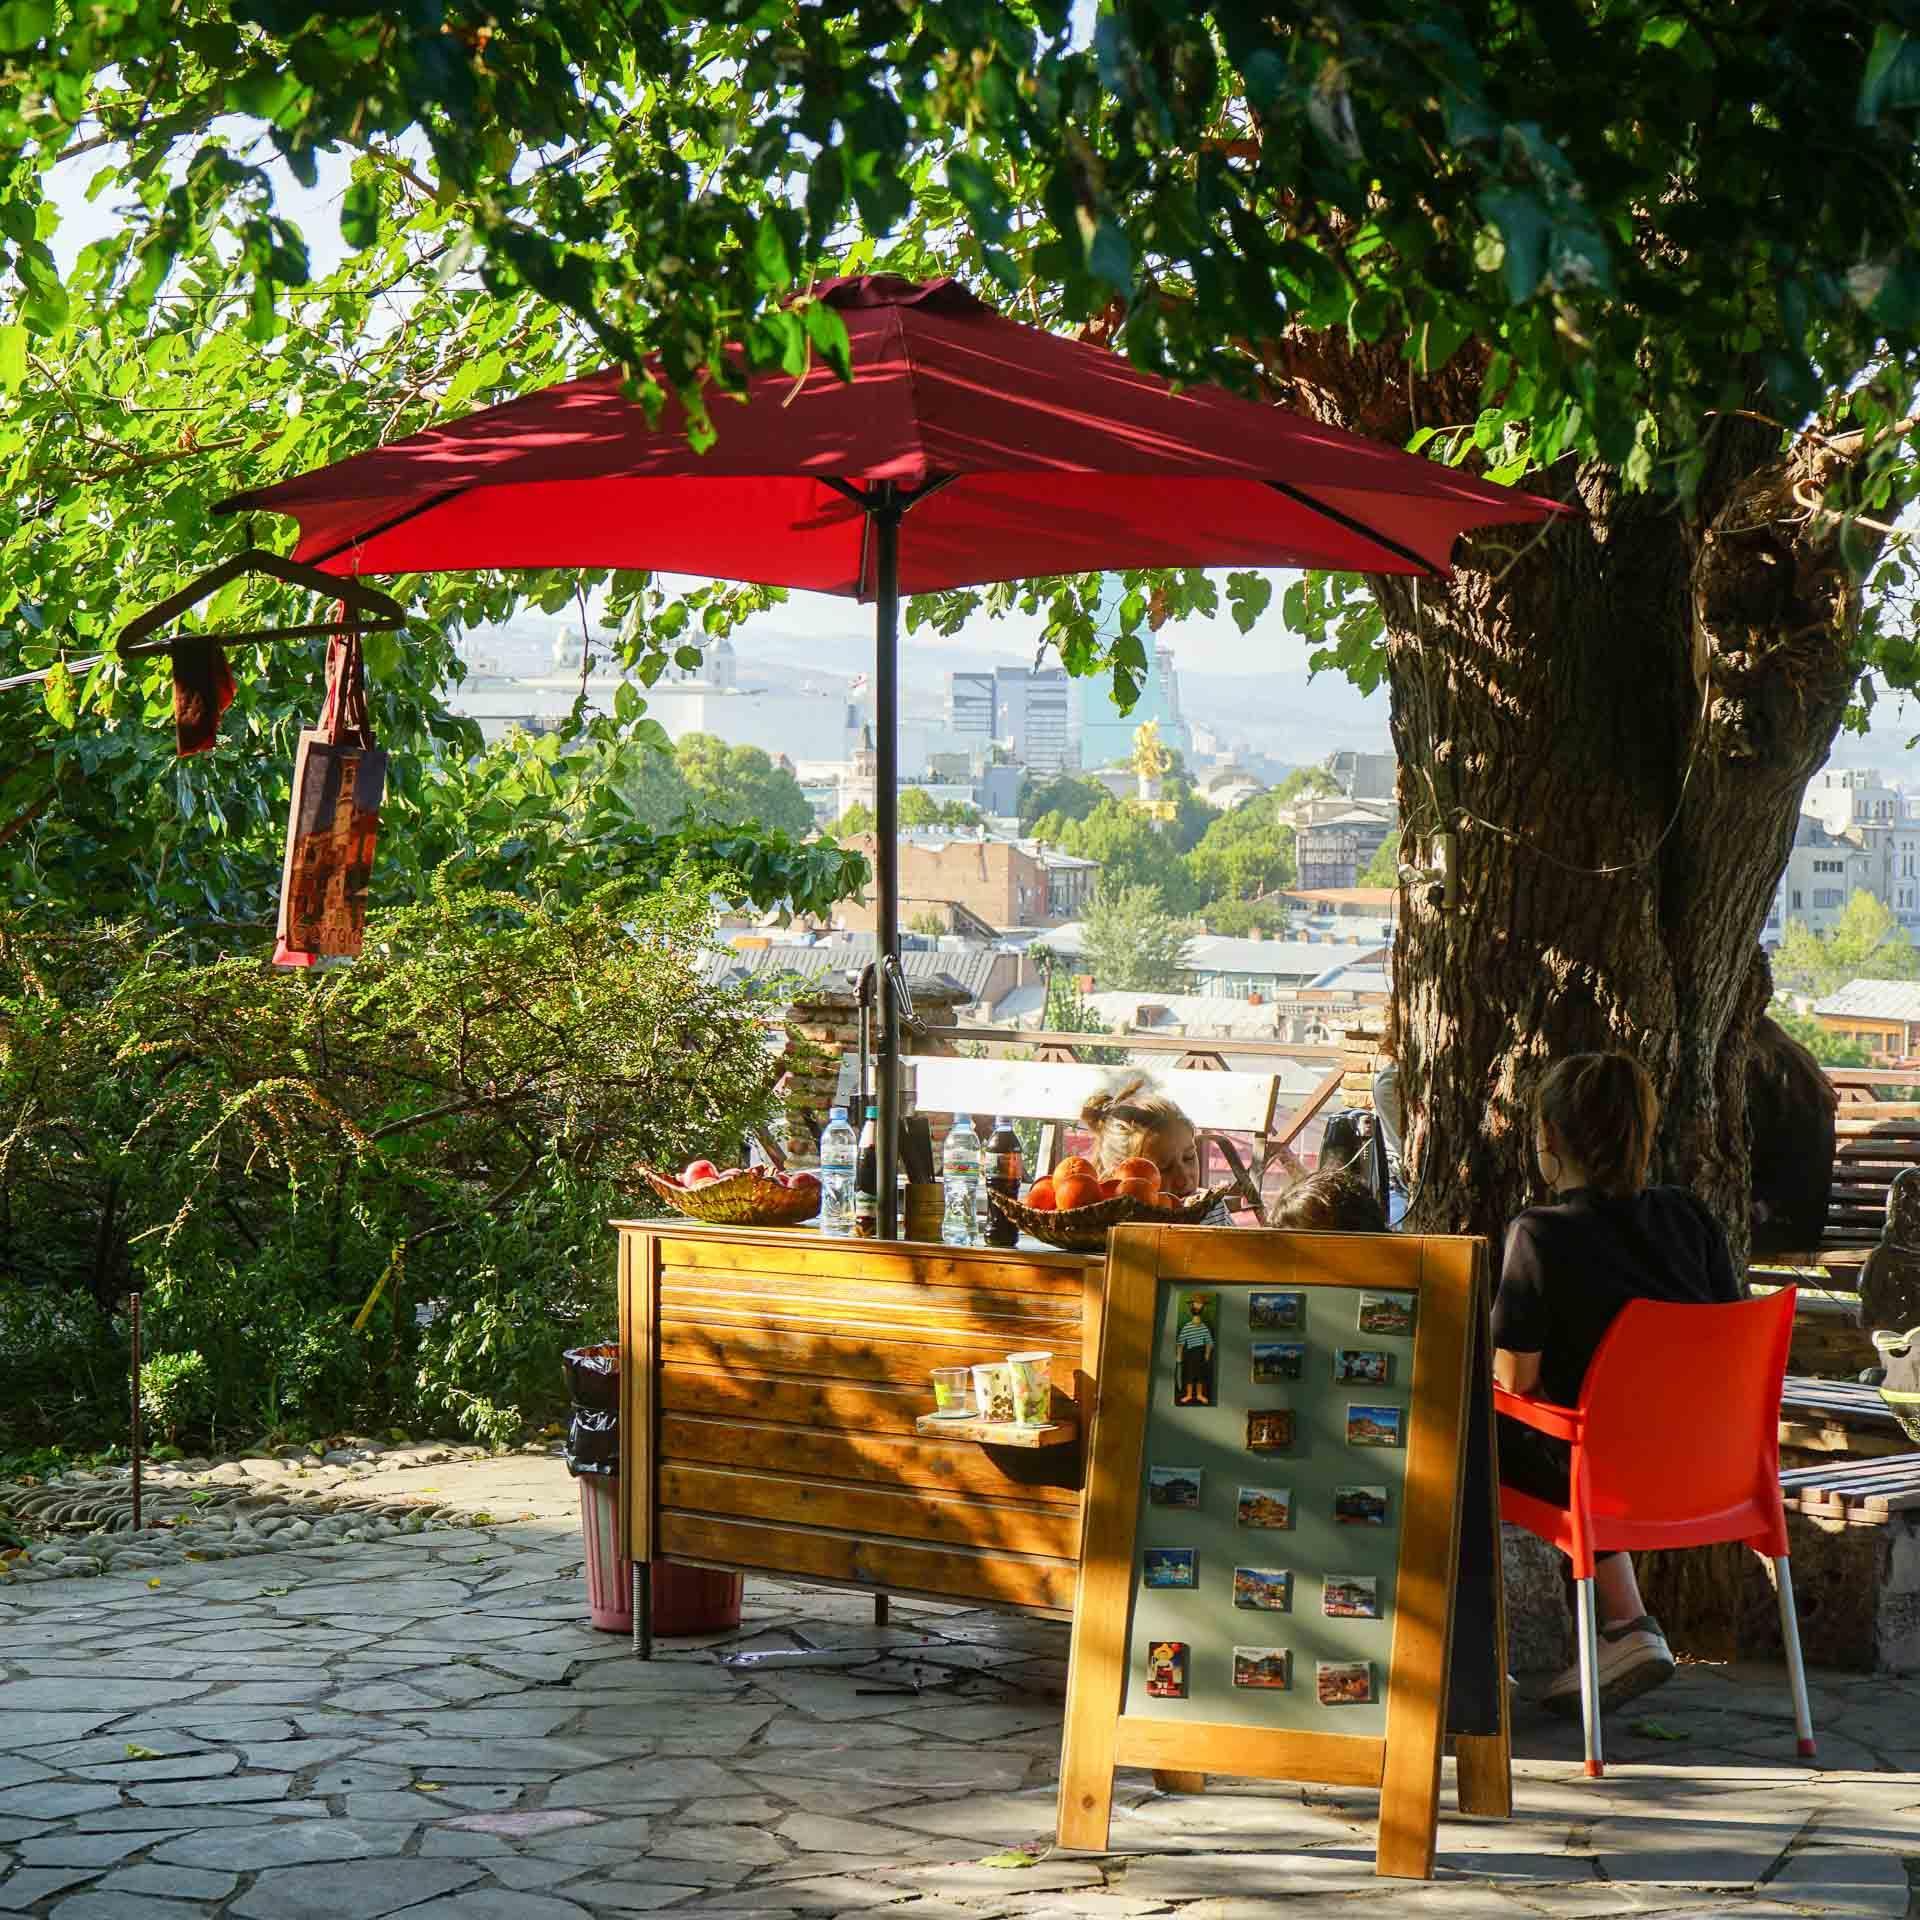 Stand de boissons ur les hauteurs de Tbilissi, non loin de l'église arménienne Kldisubani St. George © MB/YONDER.fr